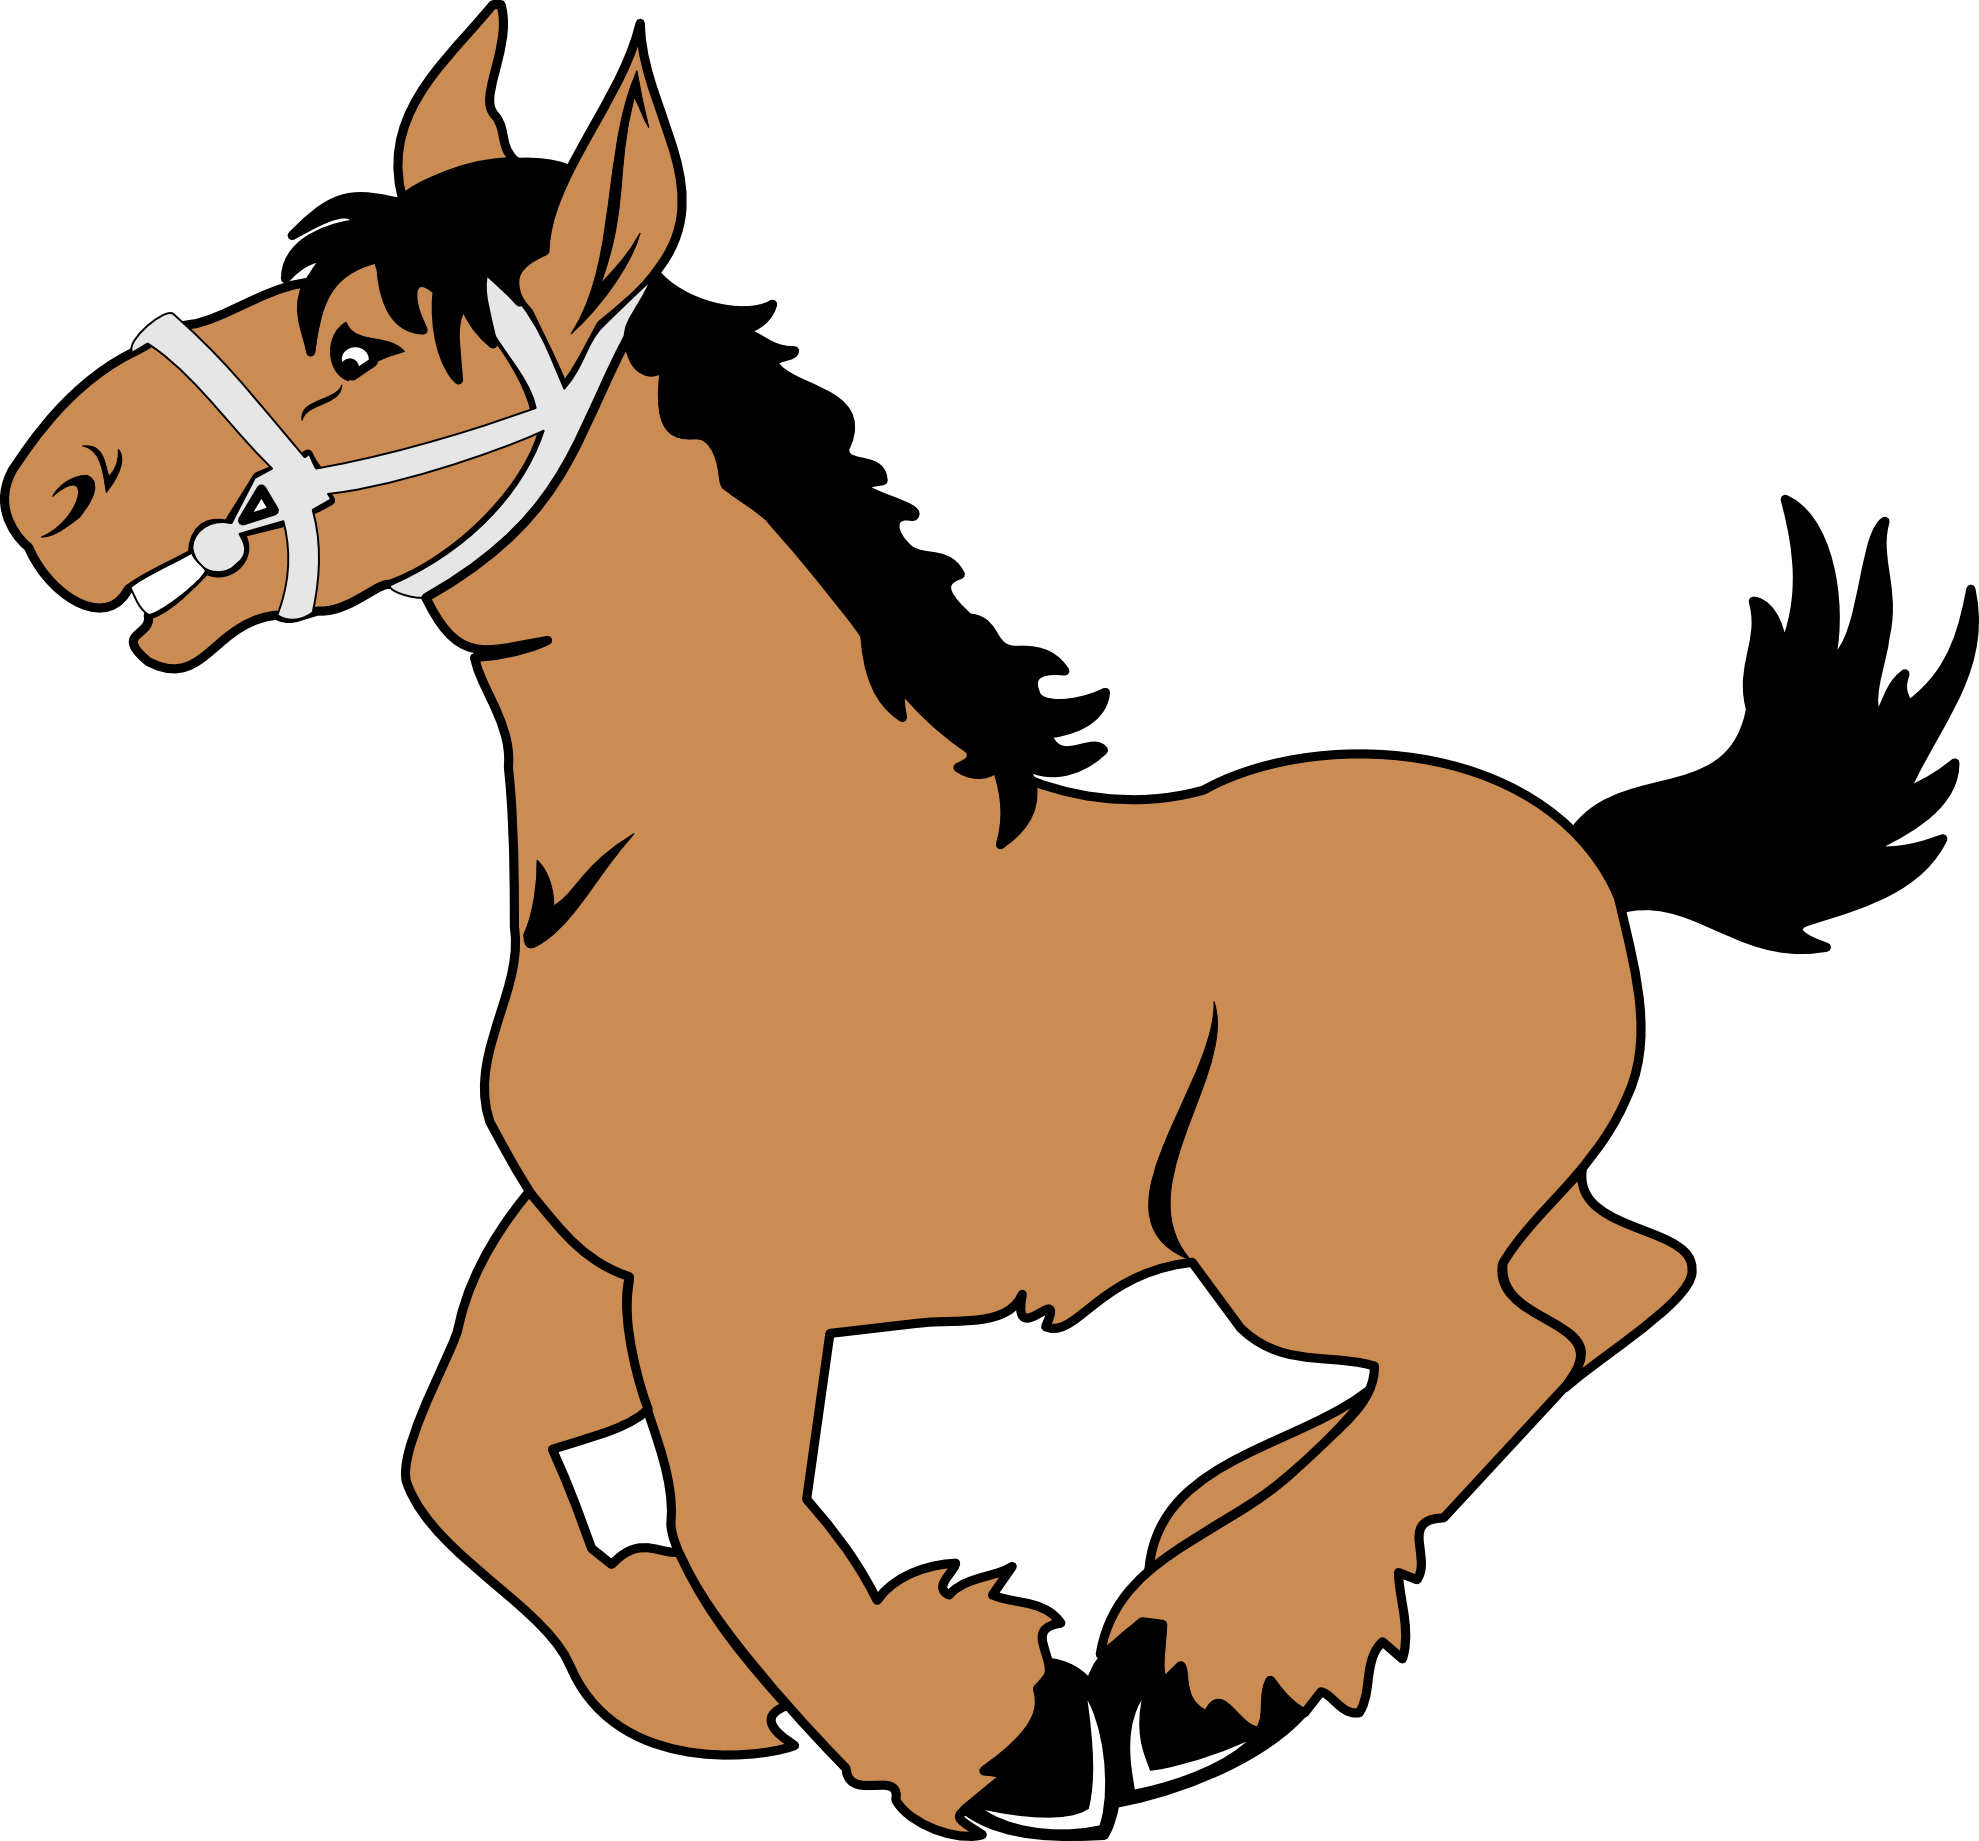 Horse Clip Art Pictures - ClipArt Best